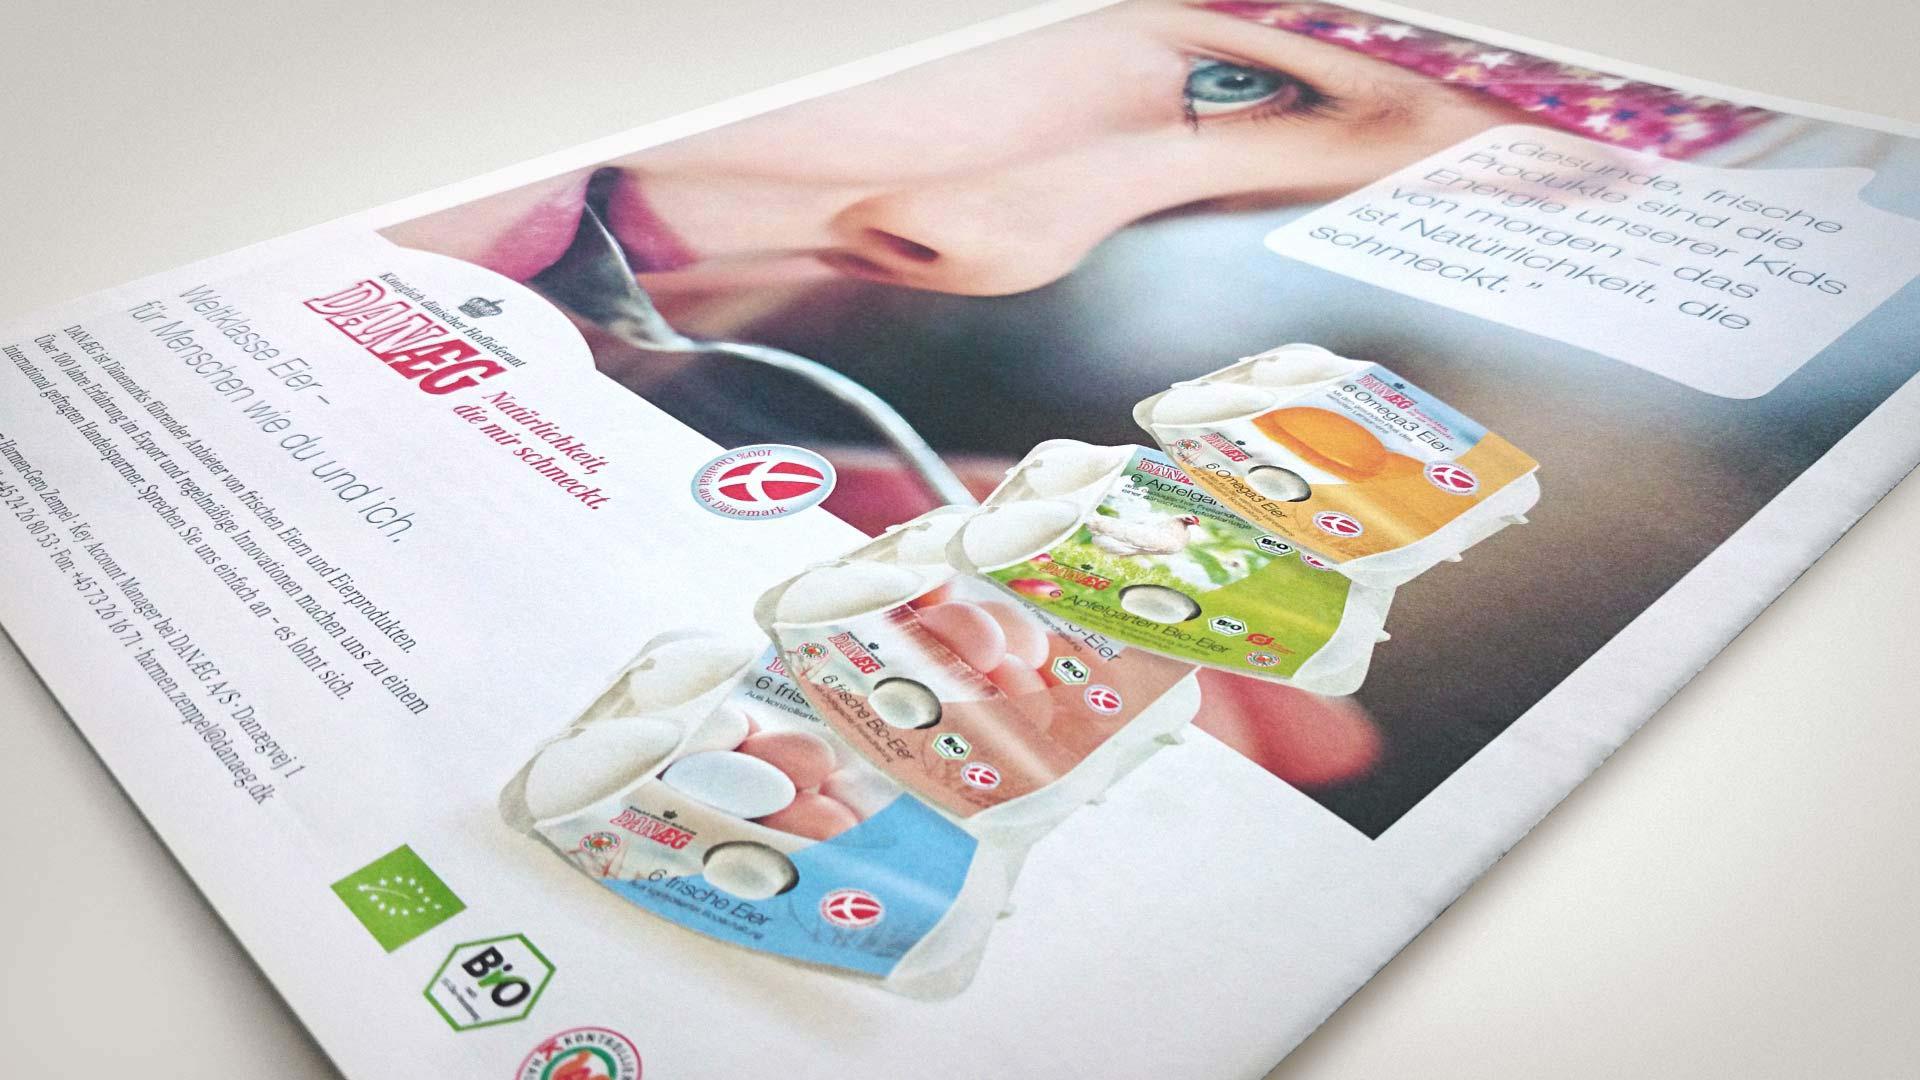 artventura-Projekt Print-Design für DANÆG A/S:Rückseite einer Einkäufer- und Imagebroschüre im Format DIN A3